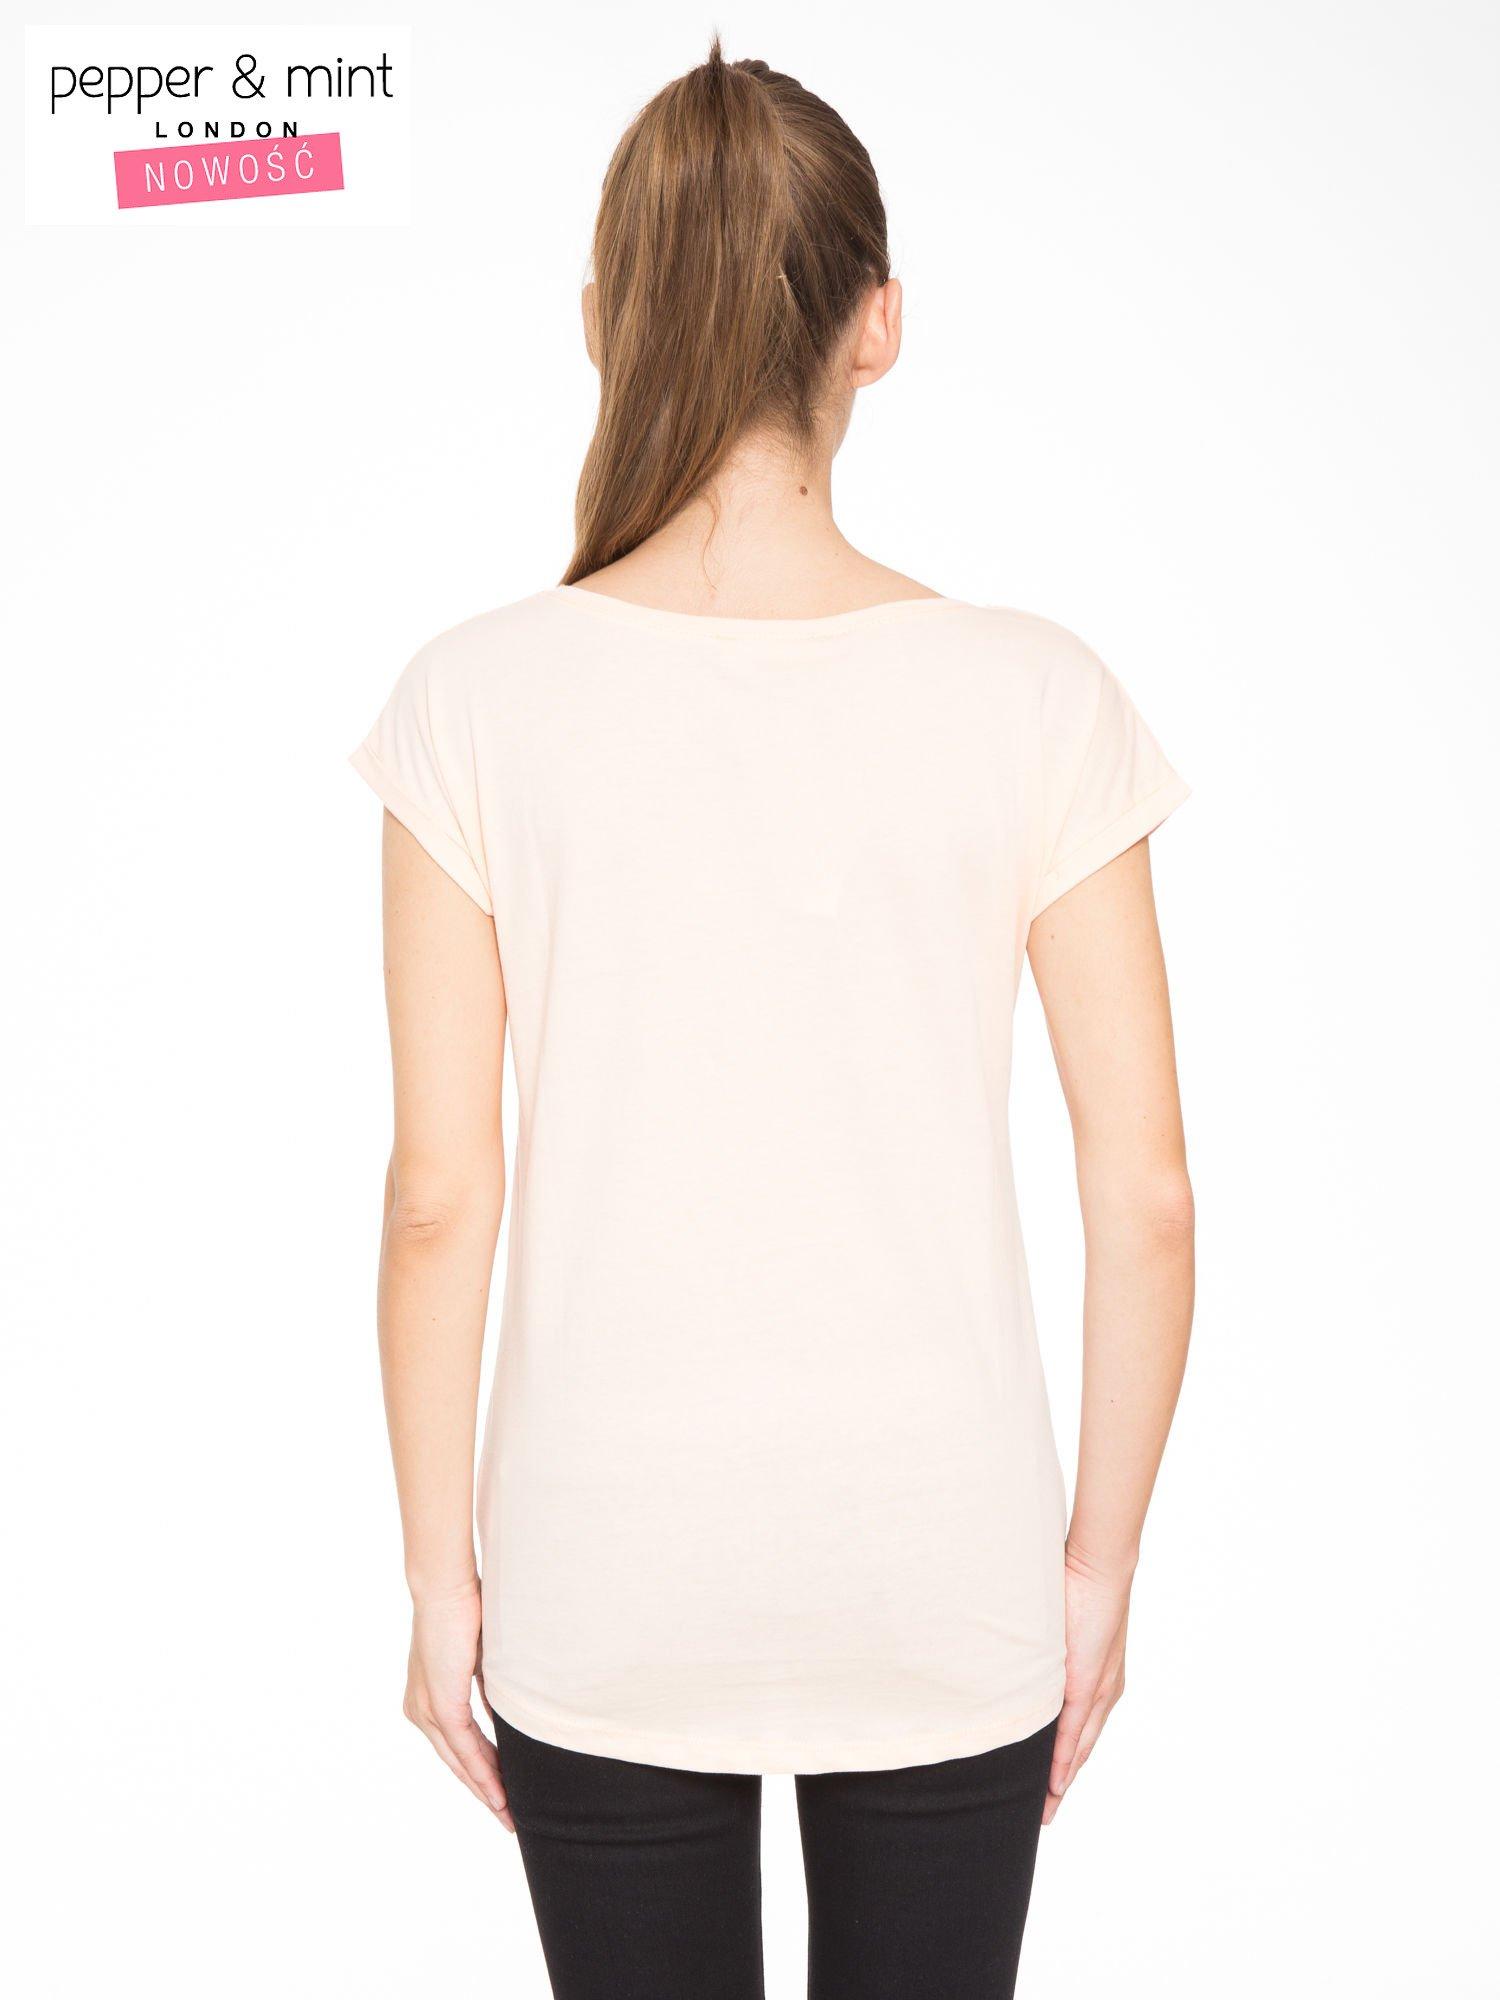 Łososiowy t-shirt z nadrukiem roweru                                  zdj.                                  3